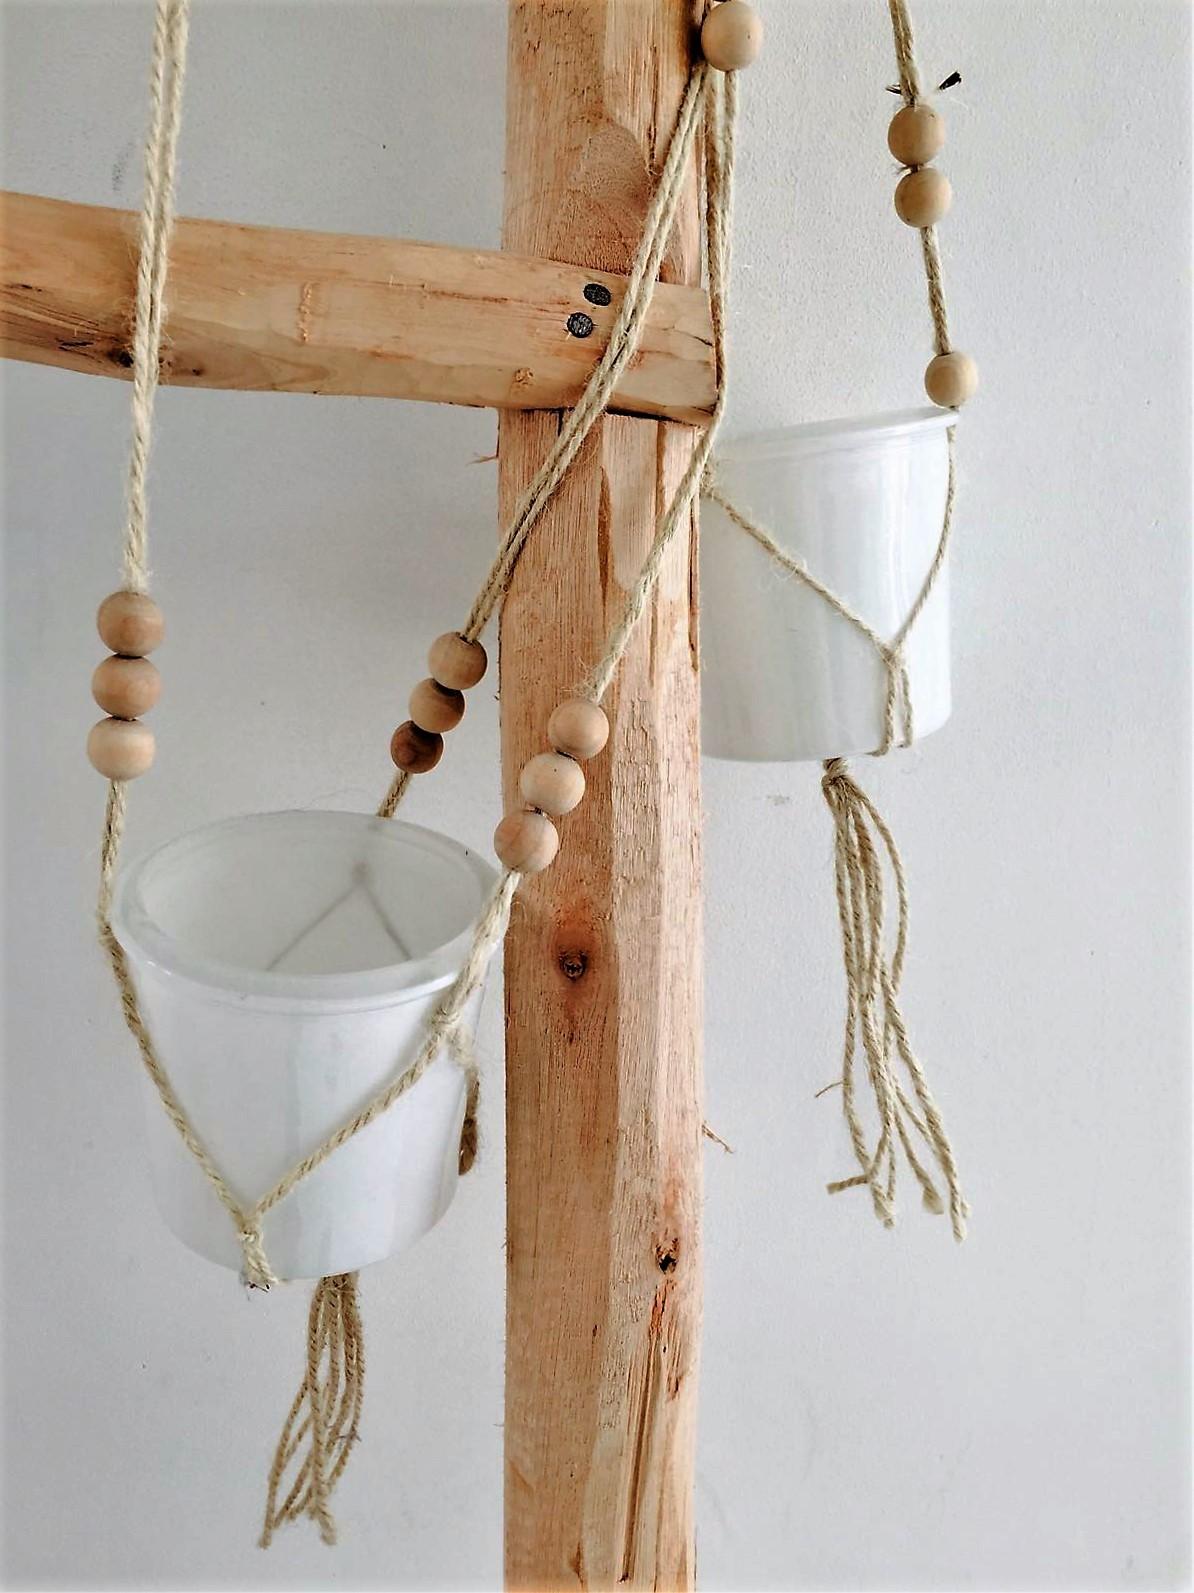 Hanger voor plantjes of waxinelichtje..